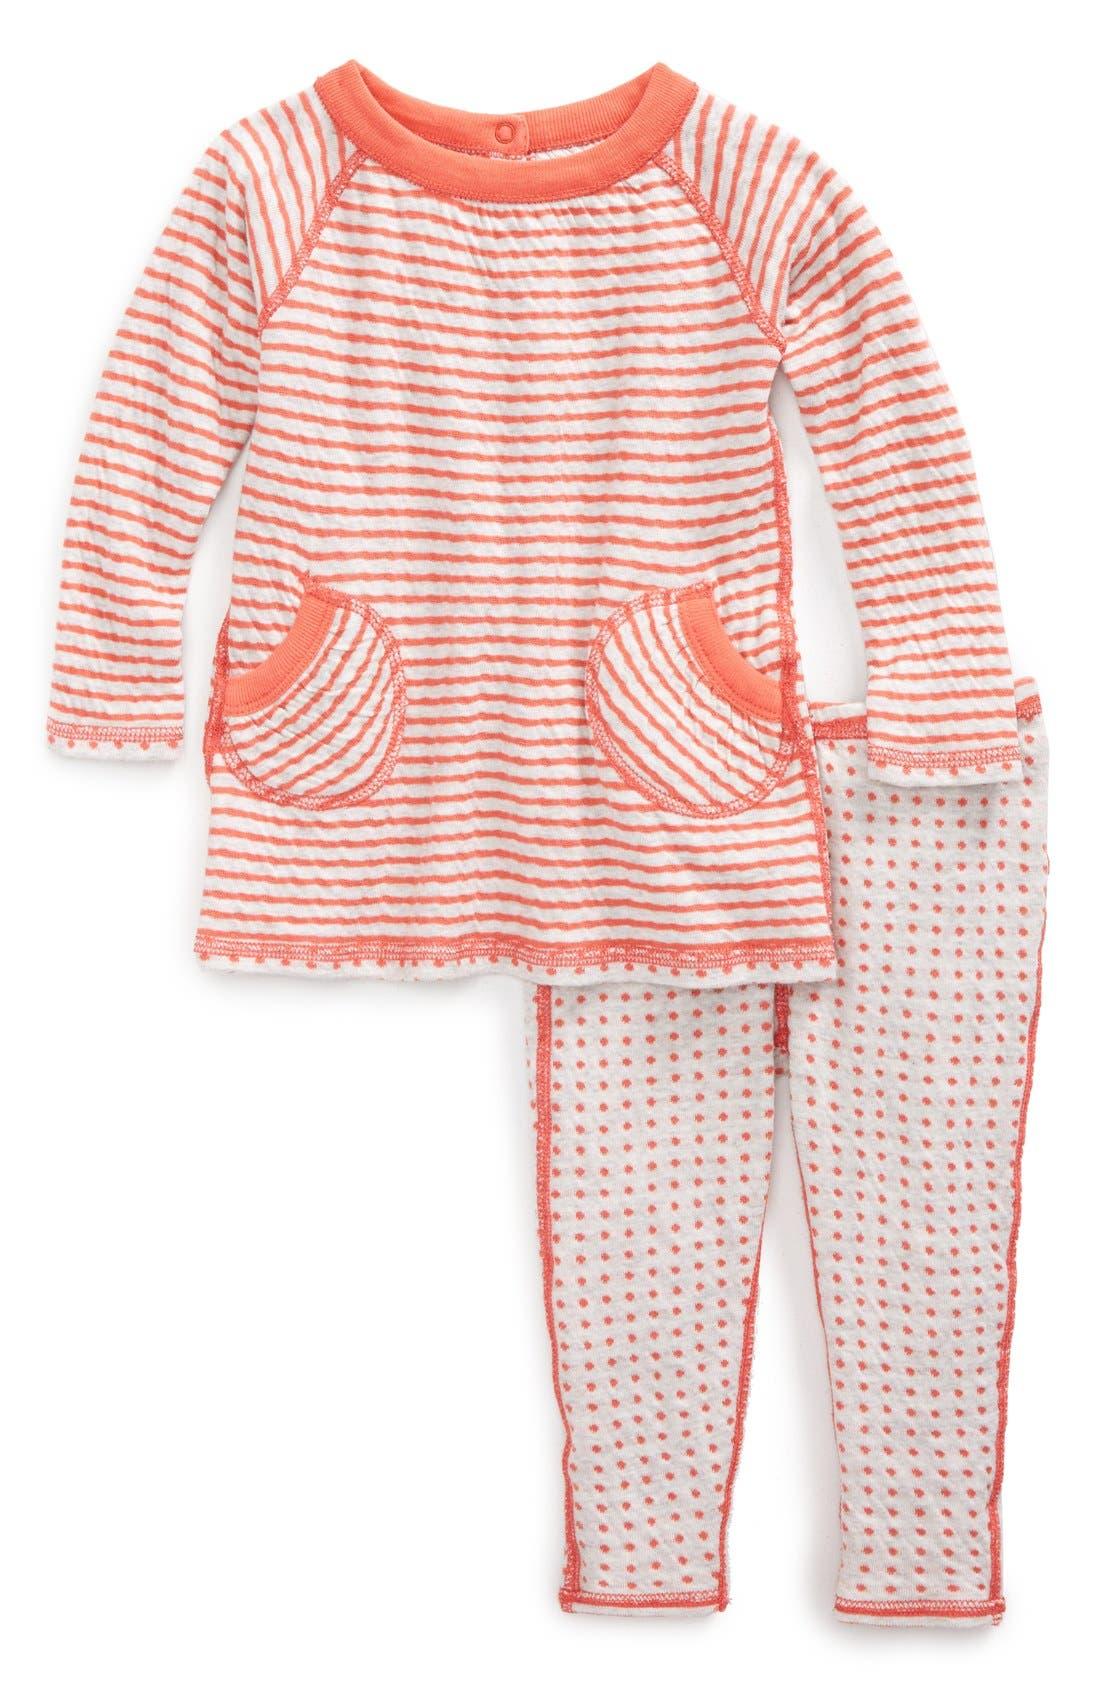 Organic Cotton Reversible Tunic & Pants,                             Alternate thumbnail 2, color,                             050